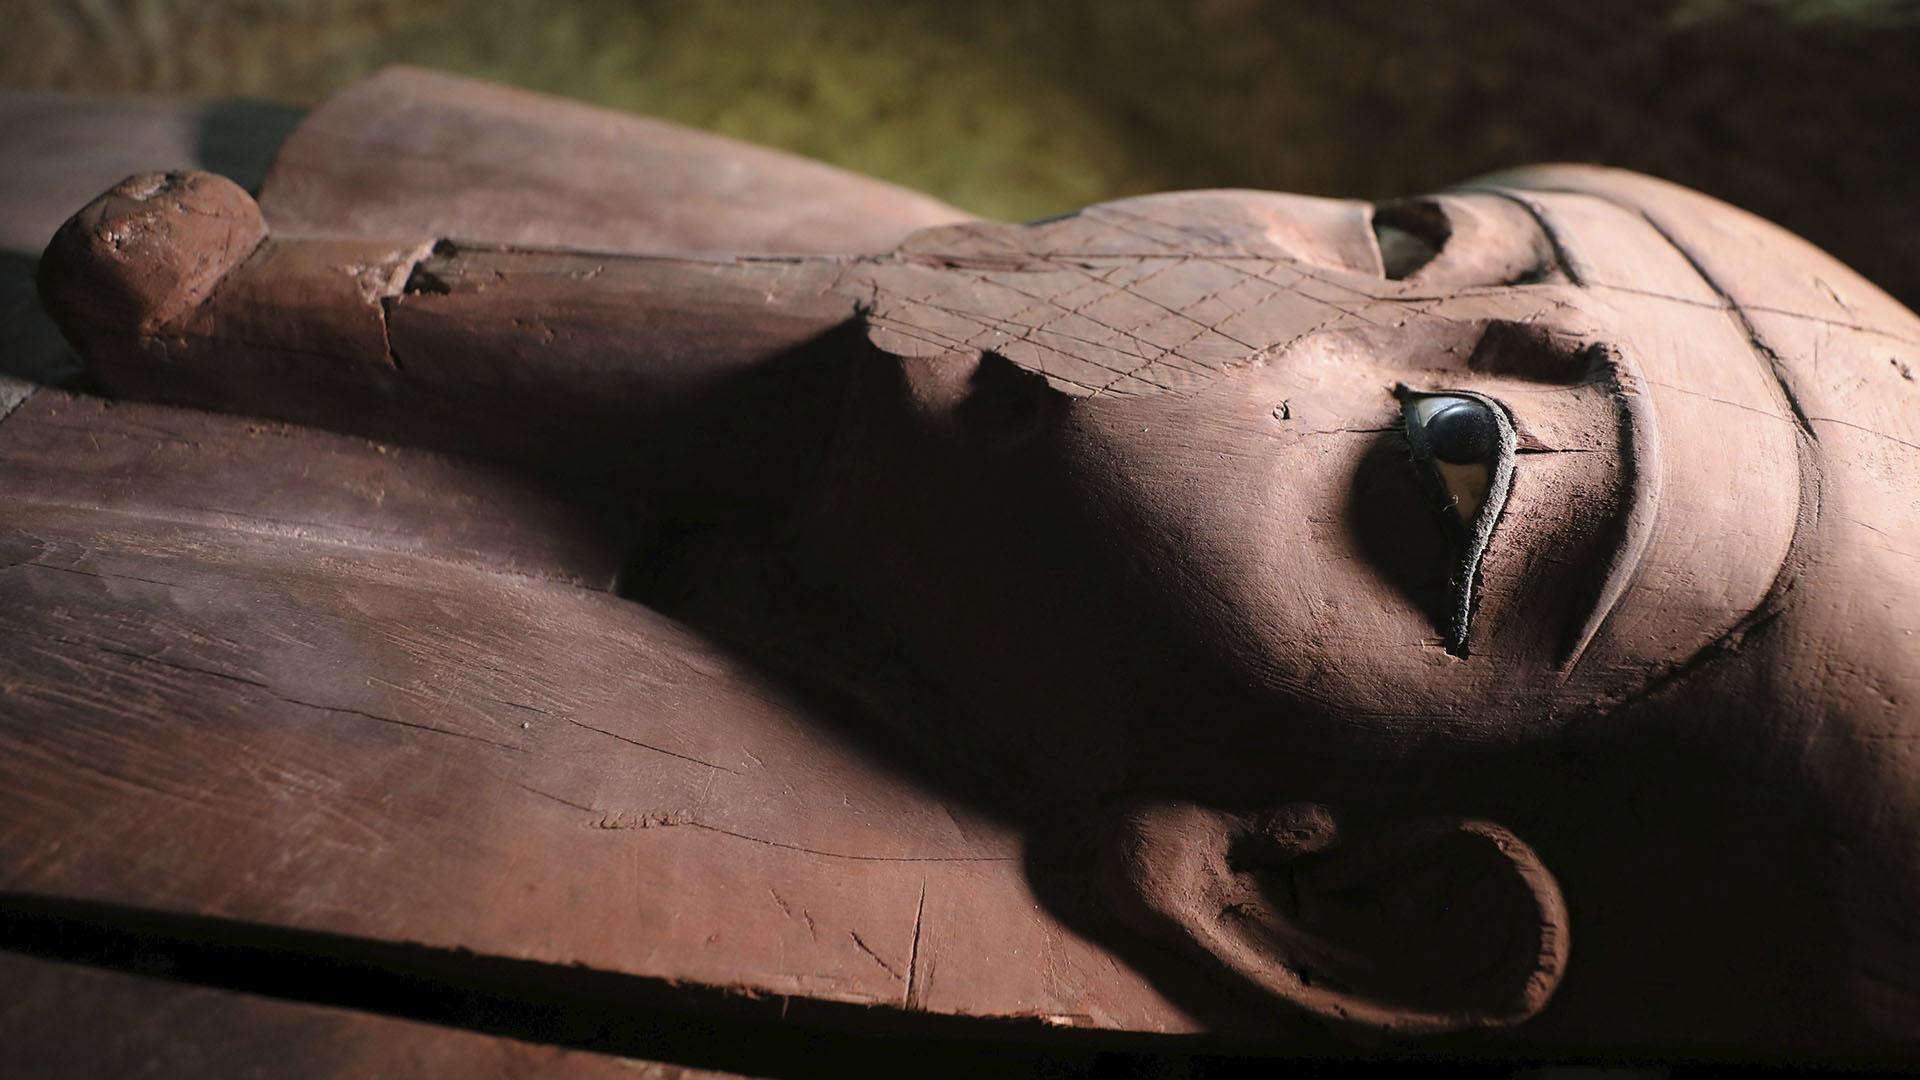 Otra tumba contiene ataúdes, estatuas de sacerdotes y otros artefactos fúnebres